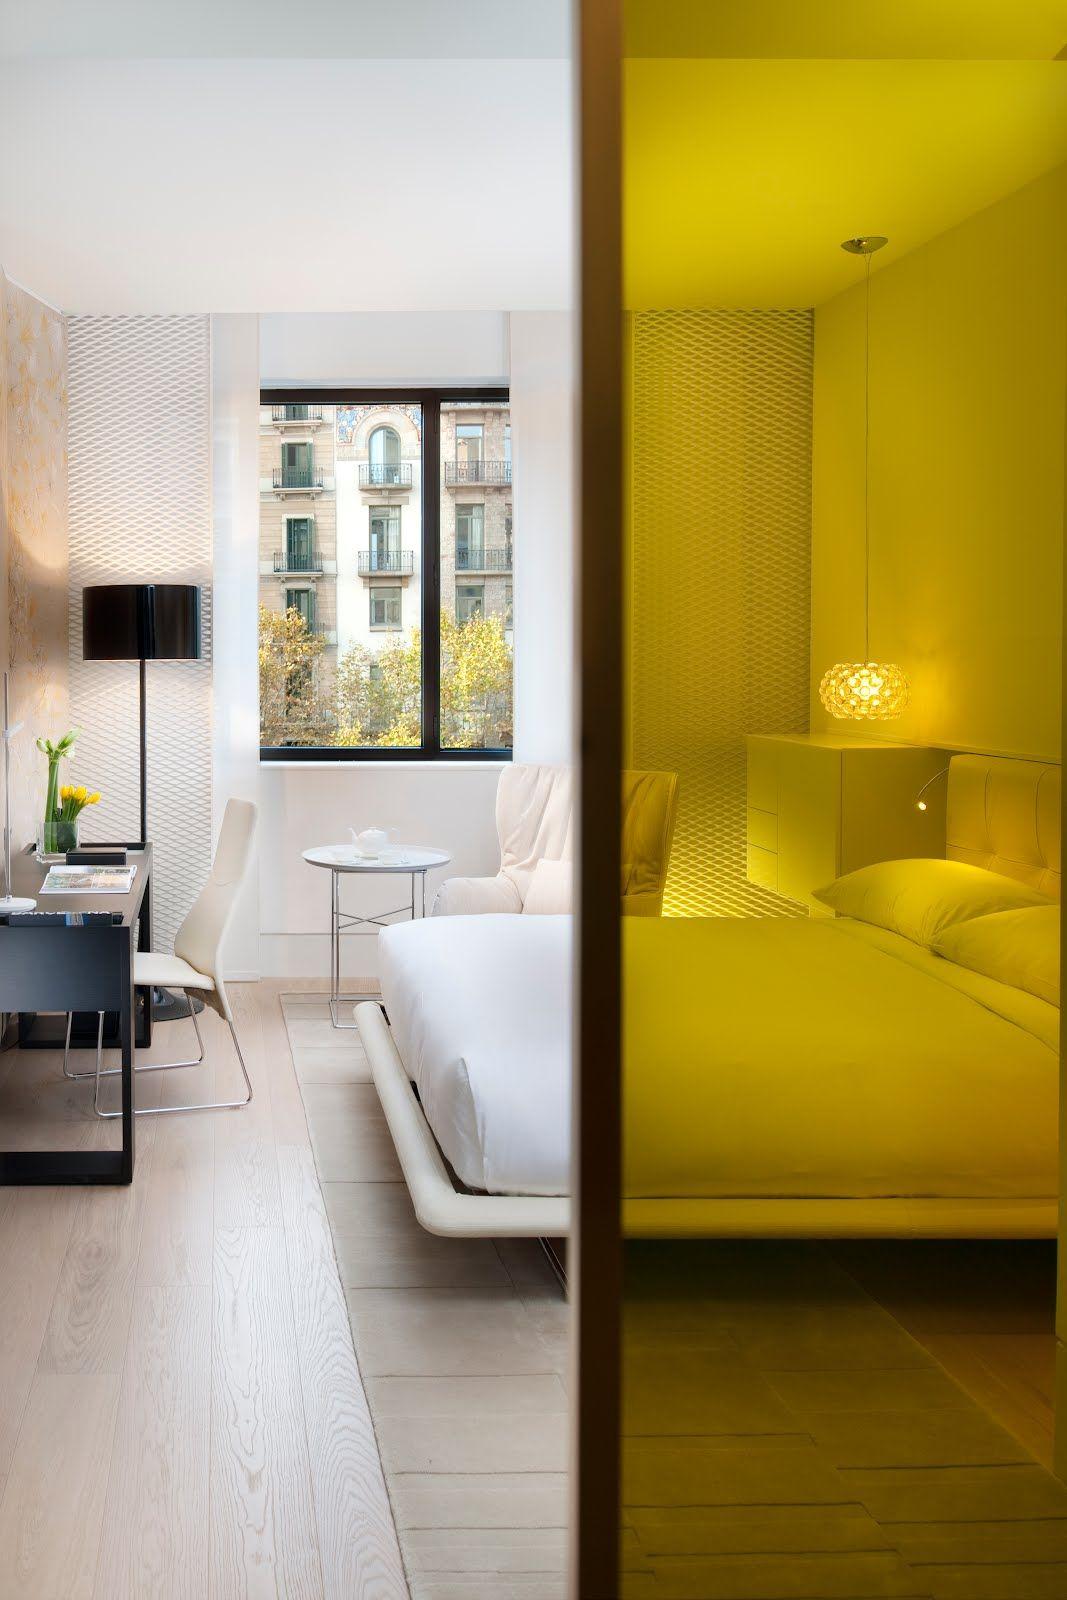 La cloison en verre jaune vif anime l'intérieur monochrome